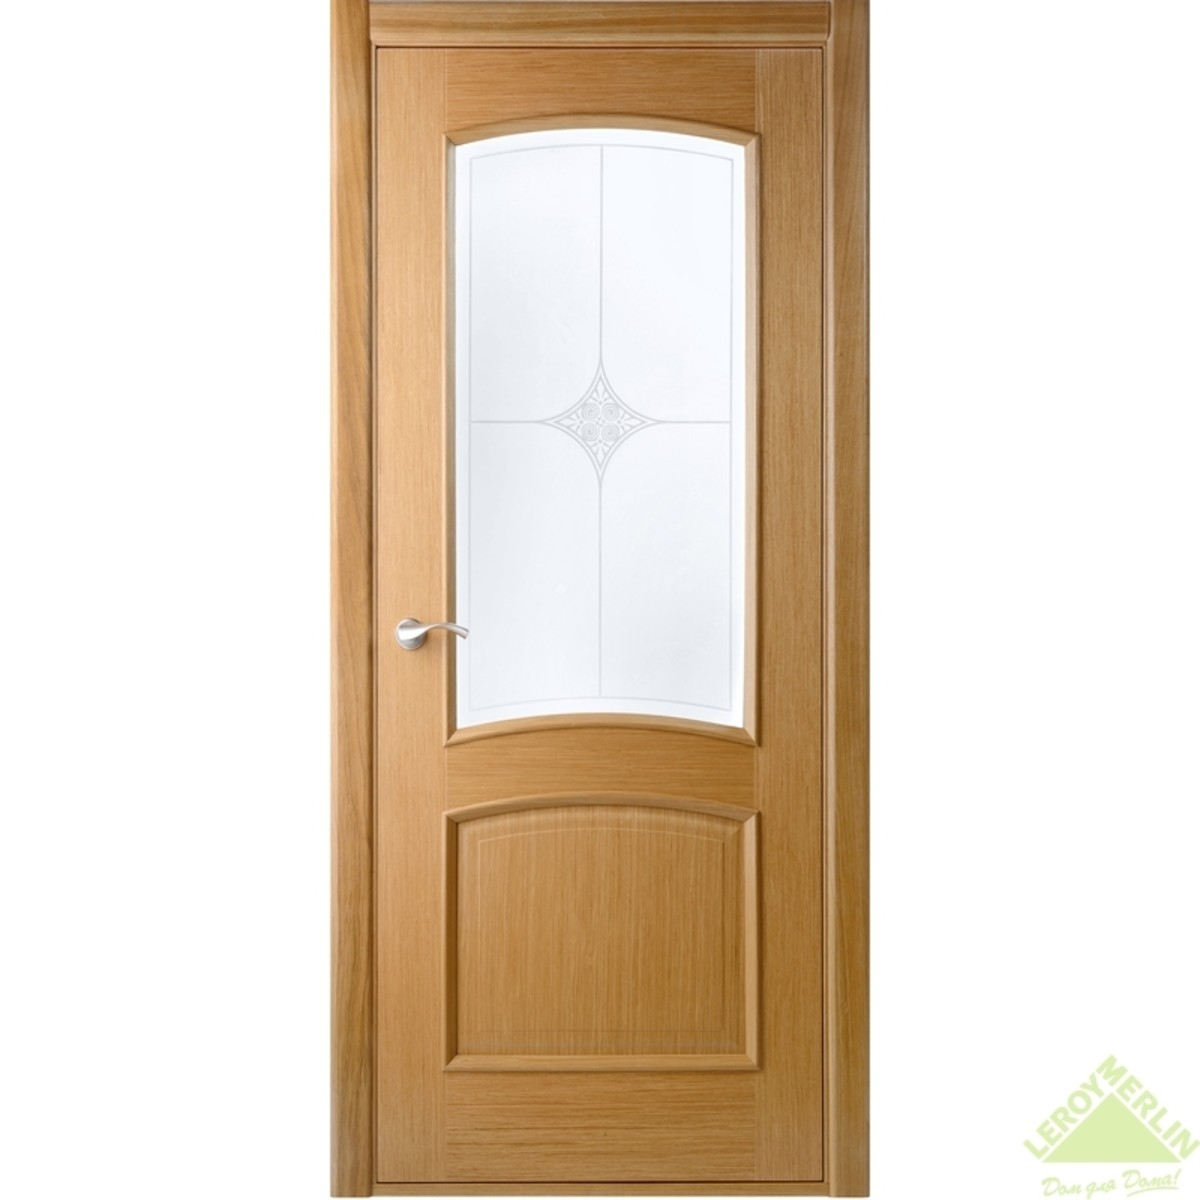 Полотно дверное остекленное Сорренто 2000x800 мм шпон дуб